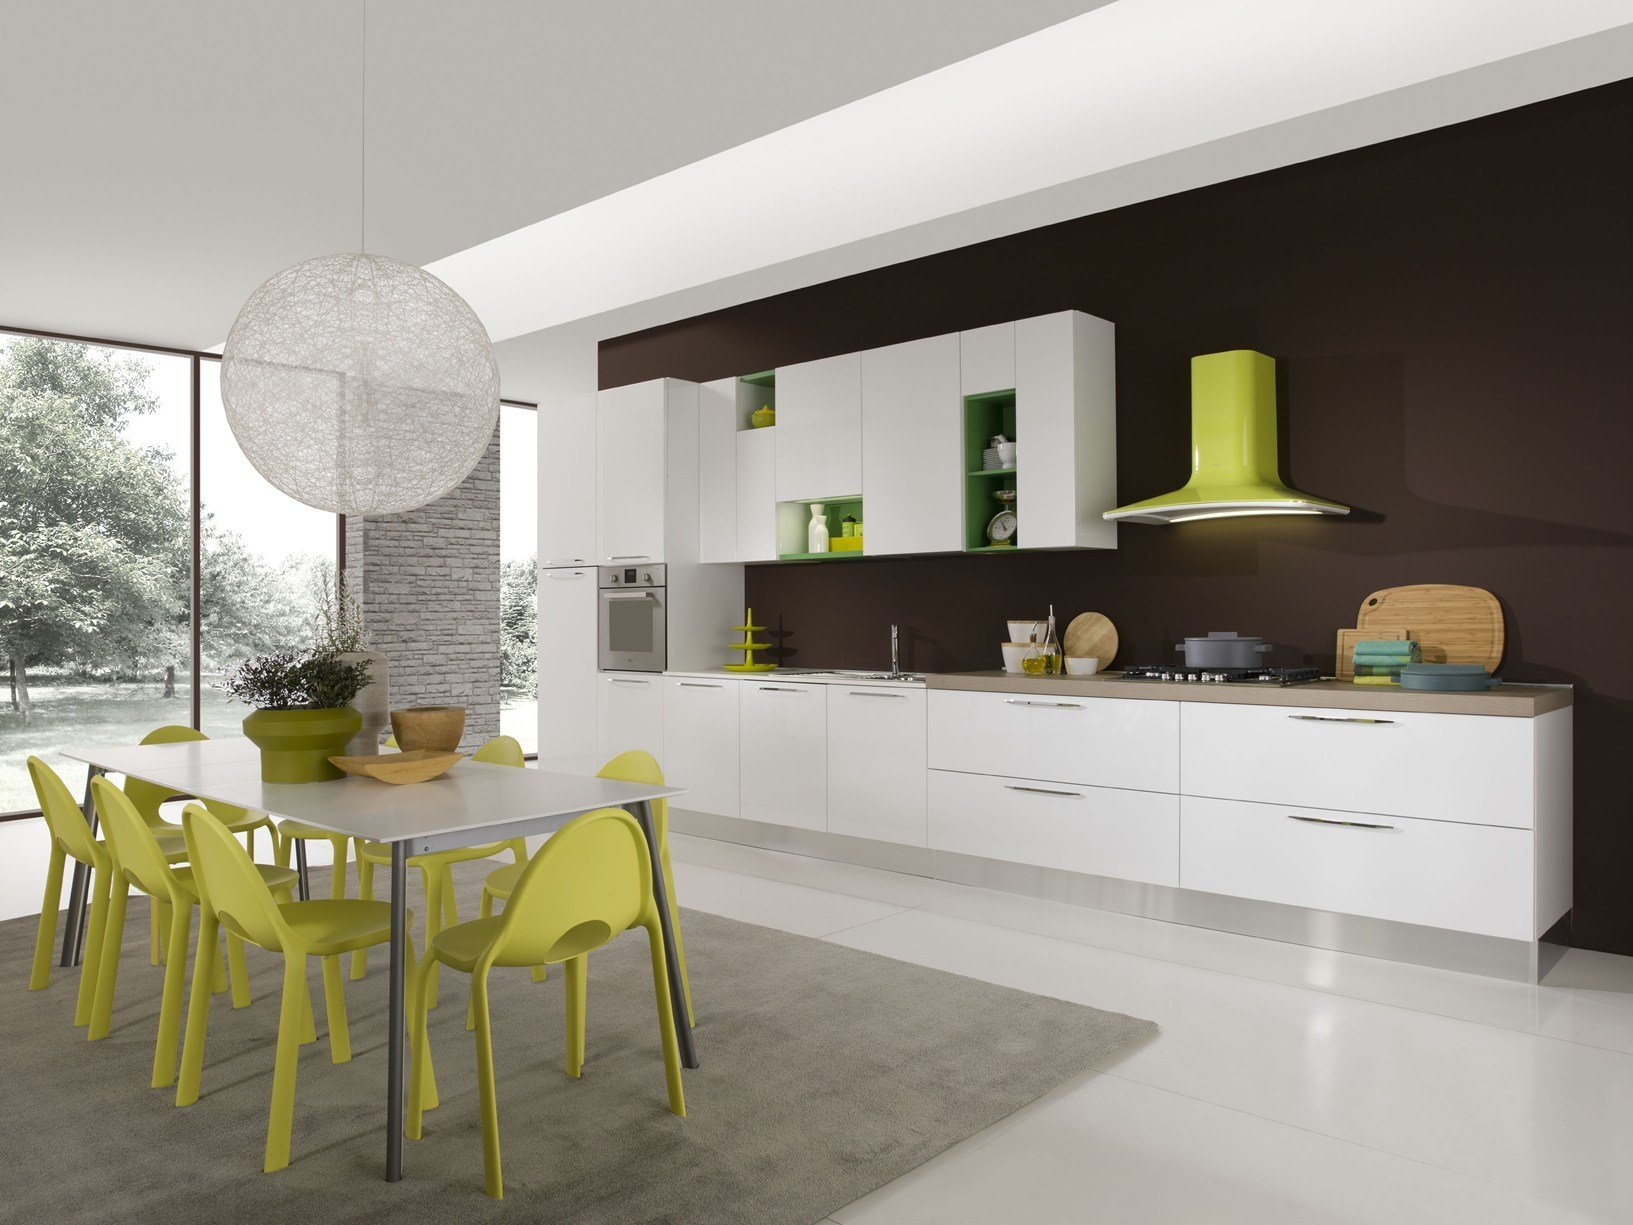 A05 B12 Aran Cucine Bella Finitura Cedro Aran Cucine Bella #918E3A 1633 1225 Veneta Cucine O Aran